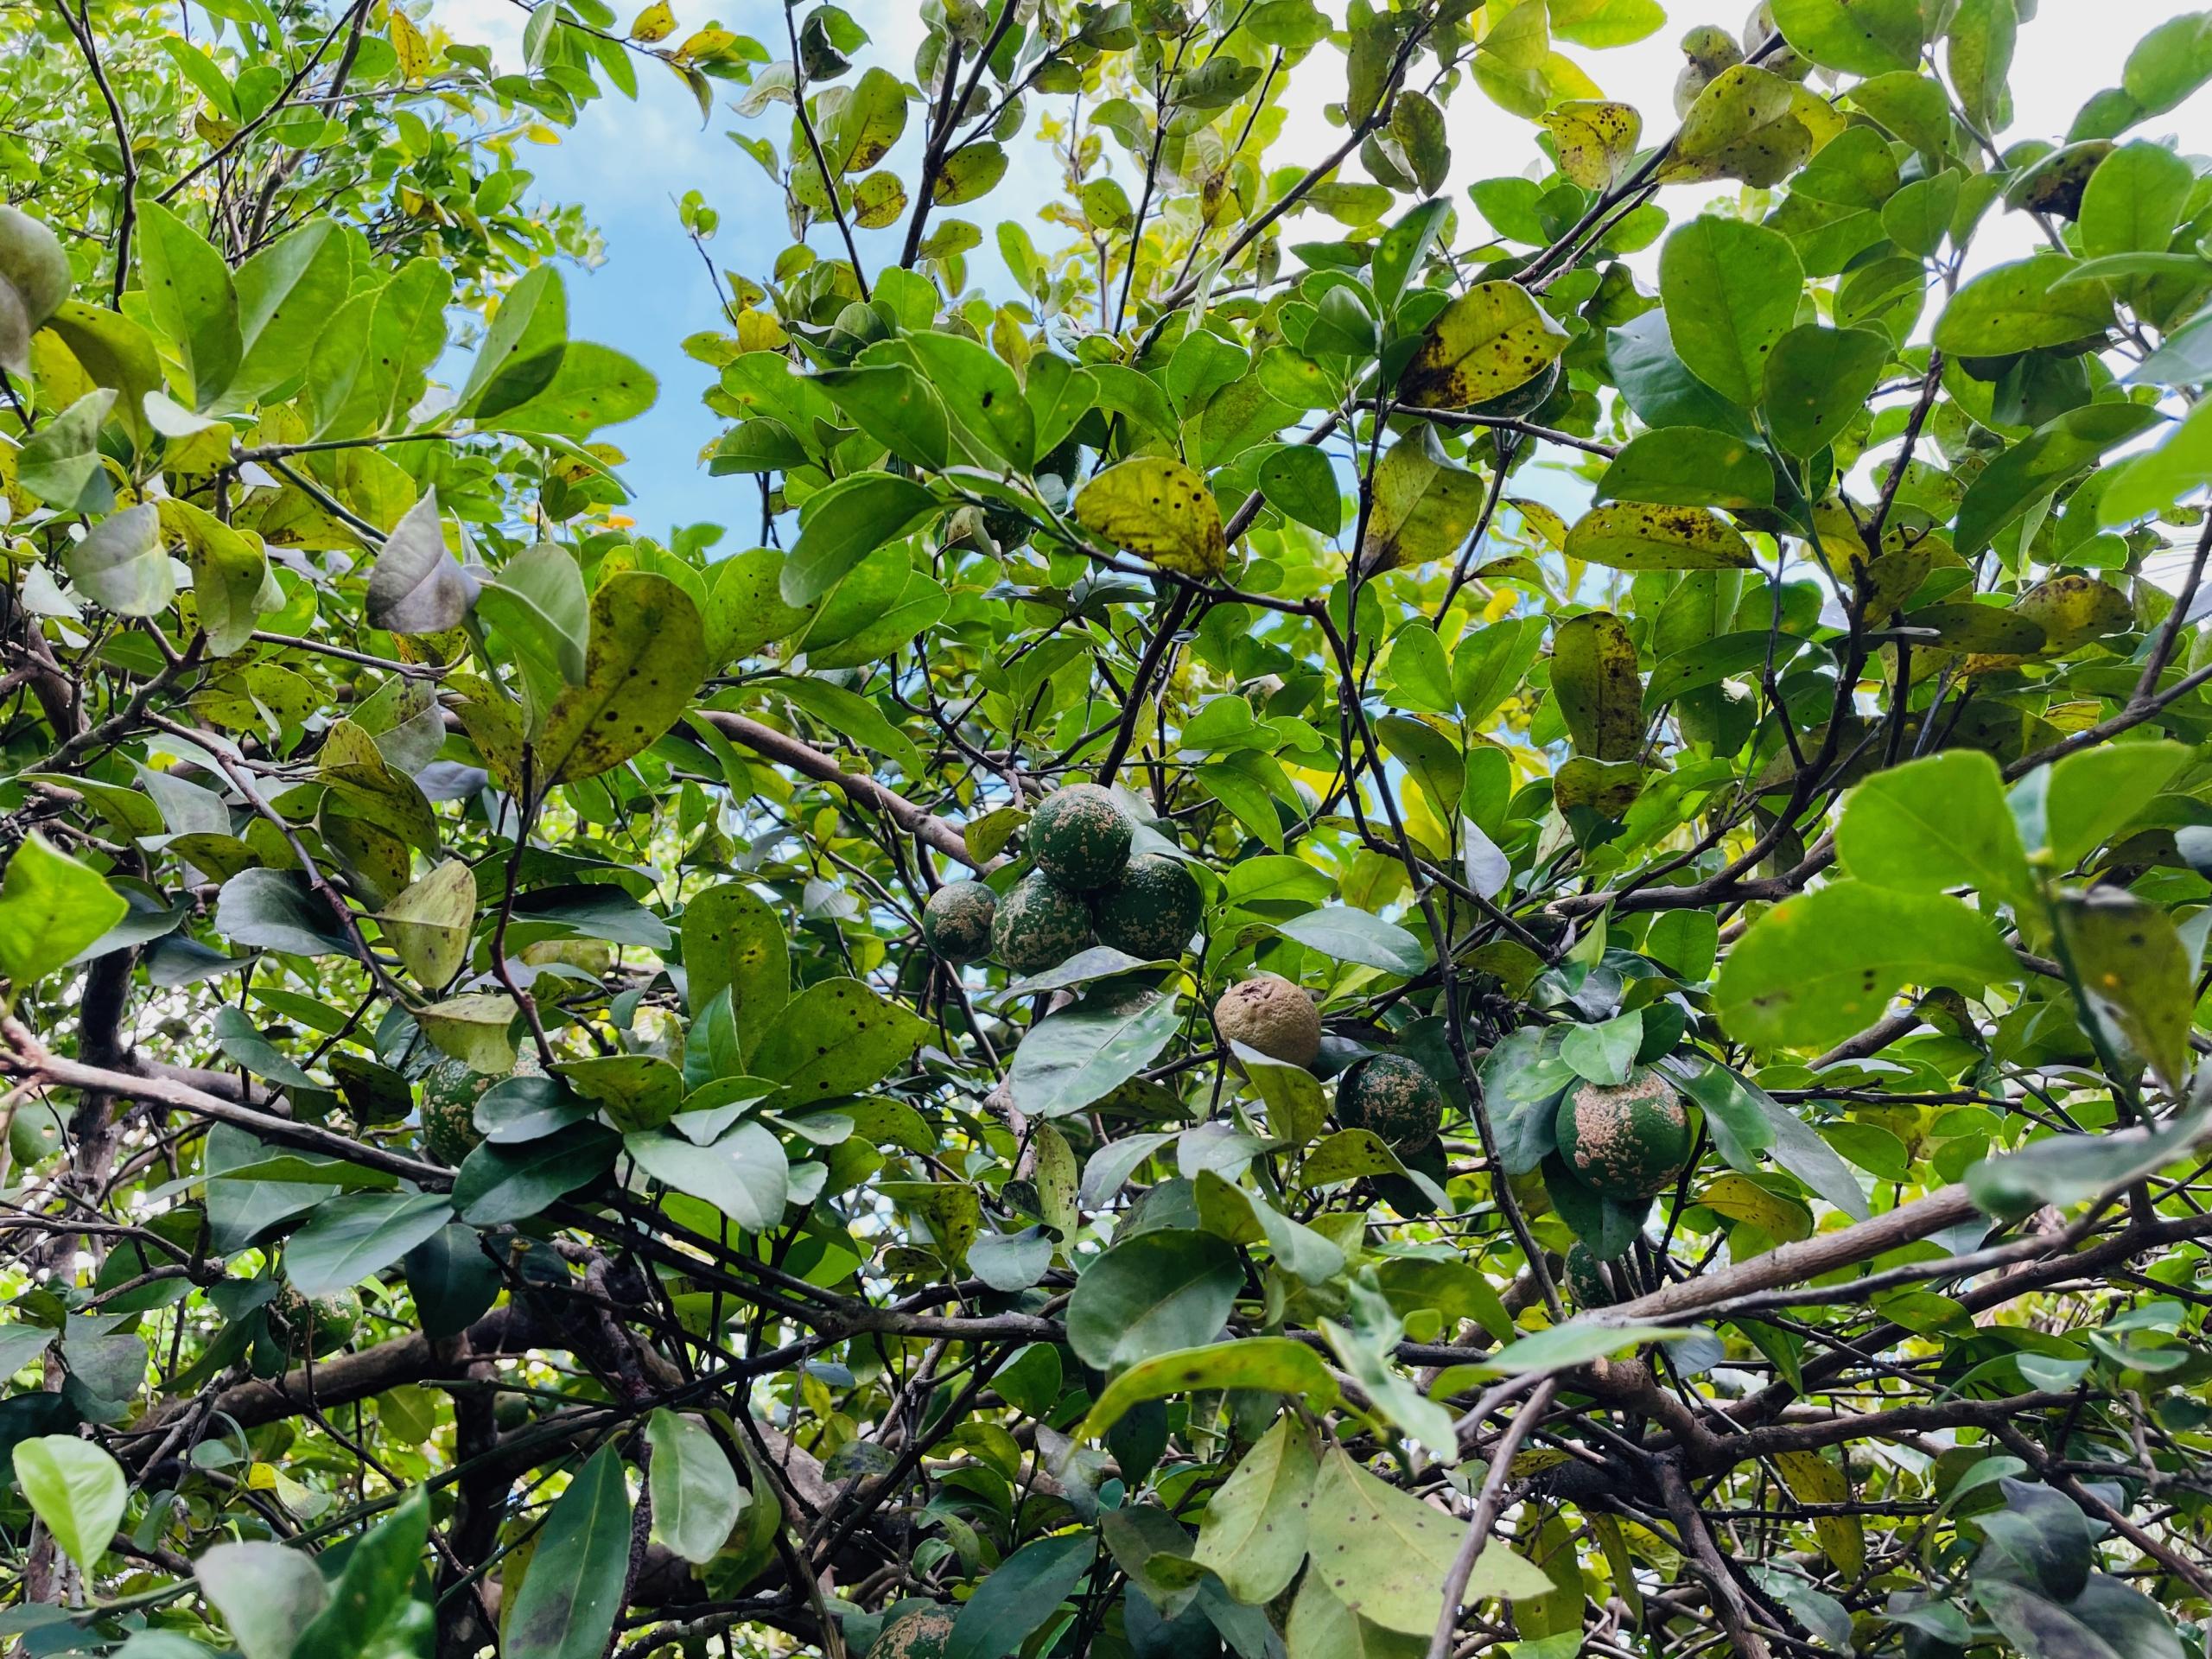 boca-barranca-grounds-mandarine